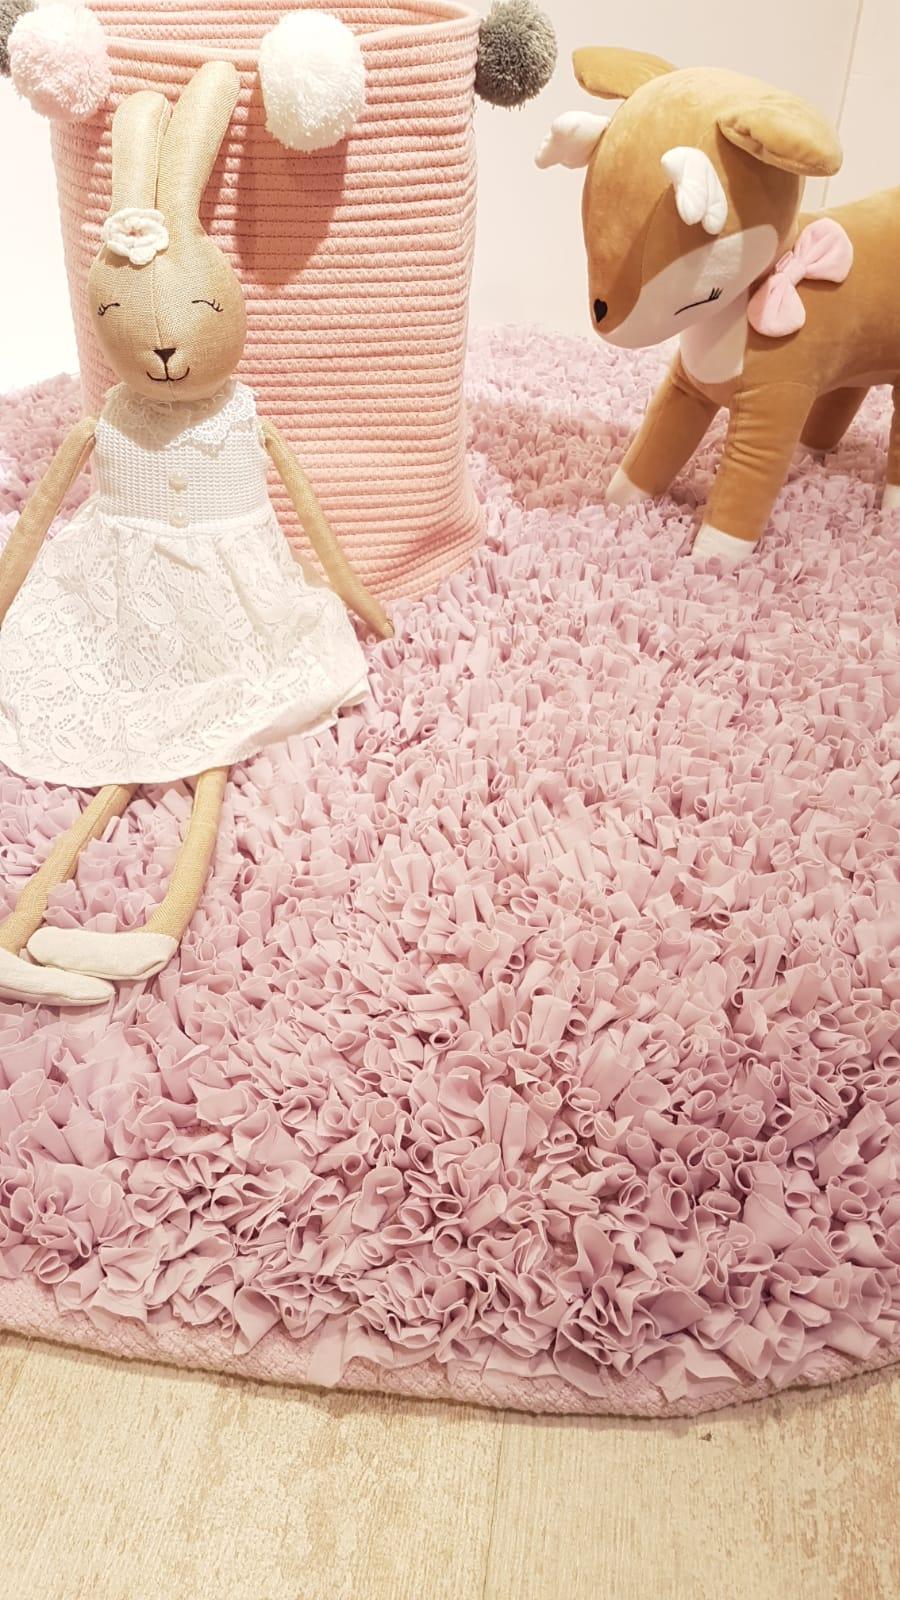 שטיח מלבן לחדר ילדים סגול לילך בהיר 120/180 ס